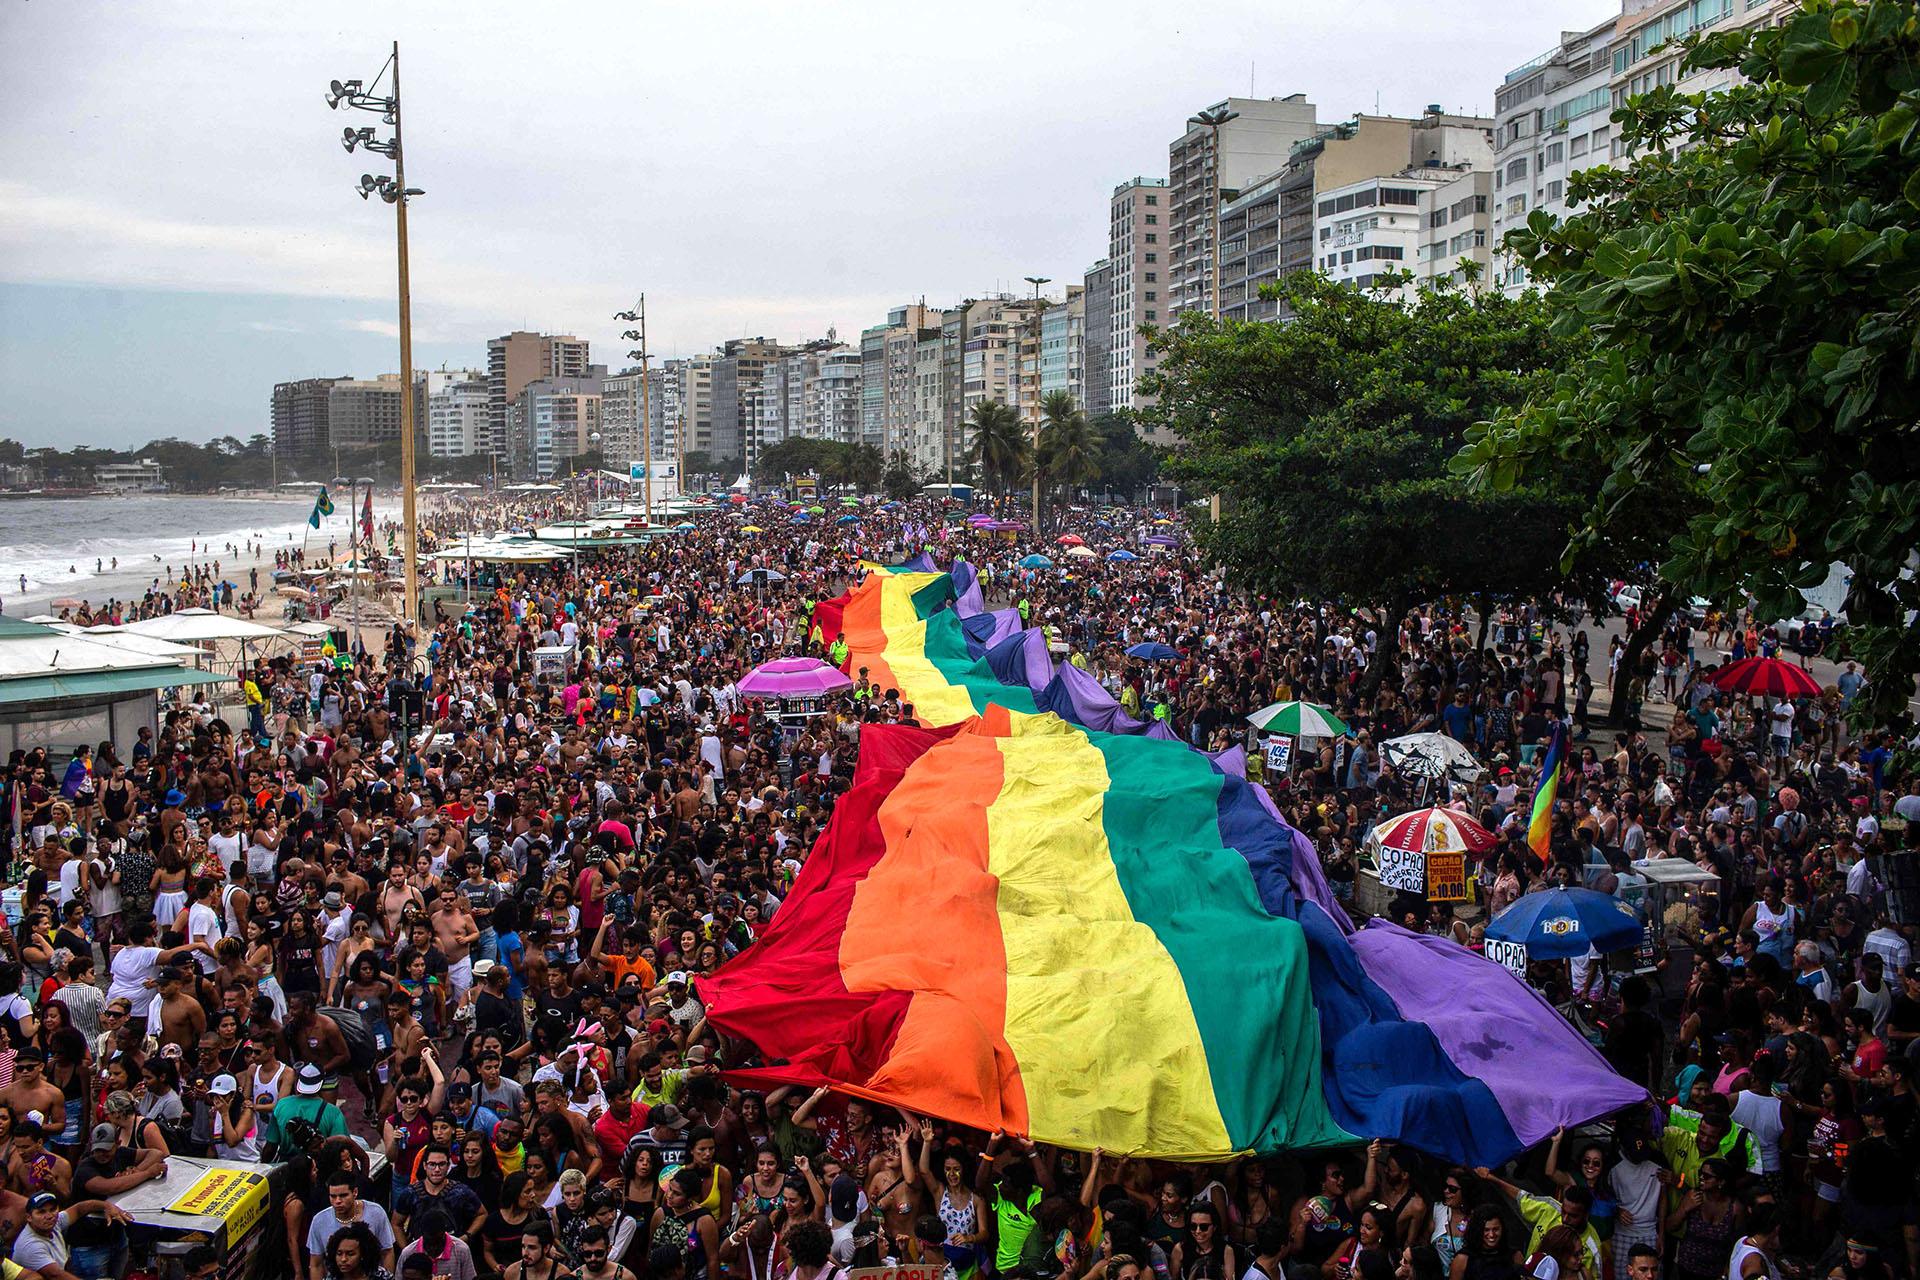 Una bandera gigante en el desfile de Copacabana en Río de Janeiro el 30 de septiembre de 2018